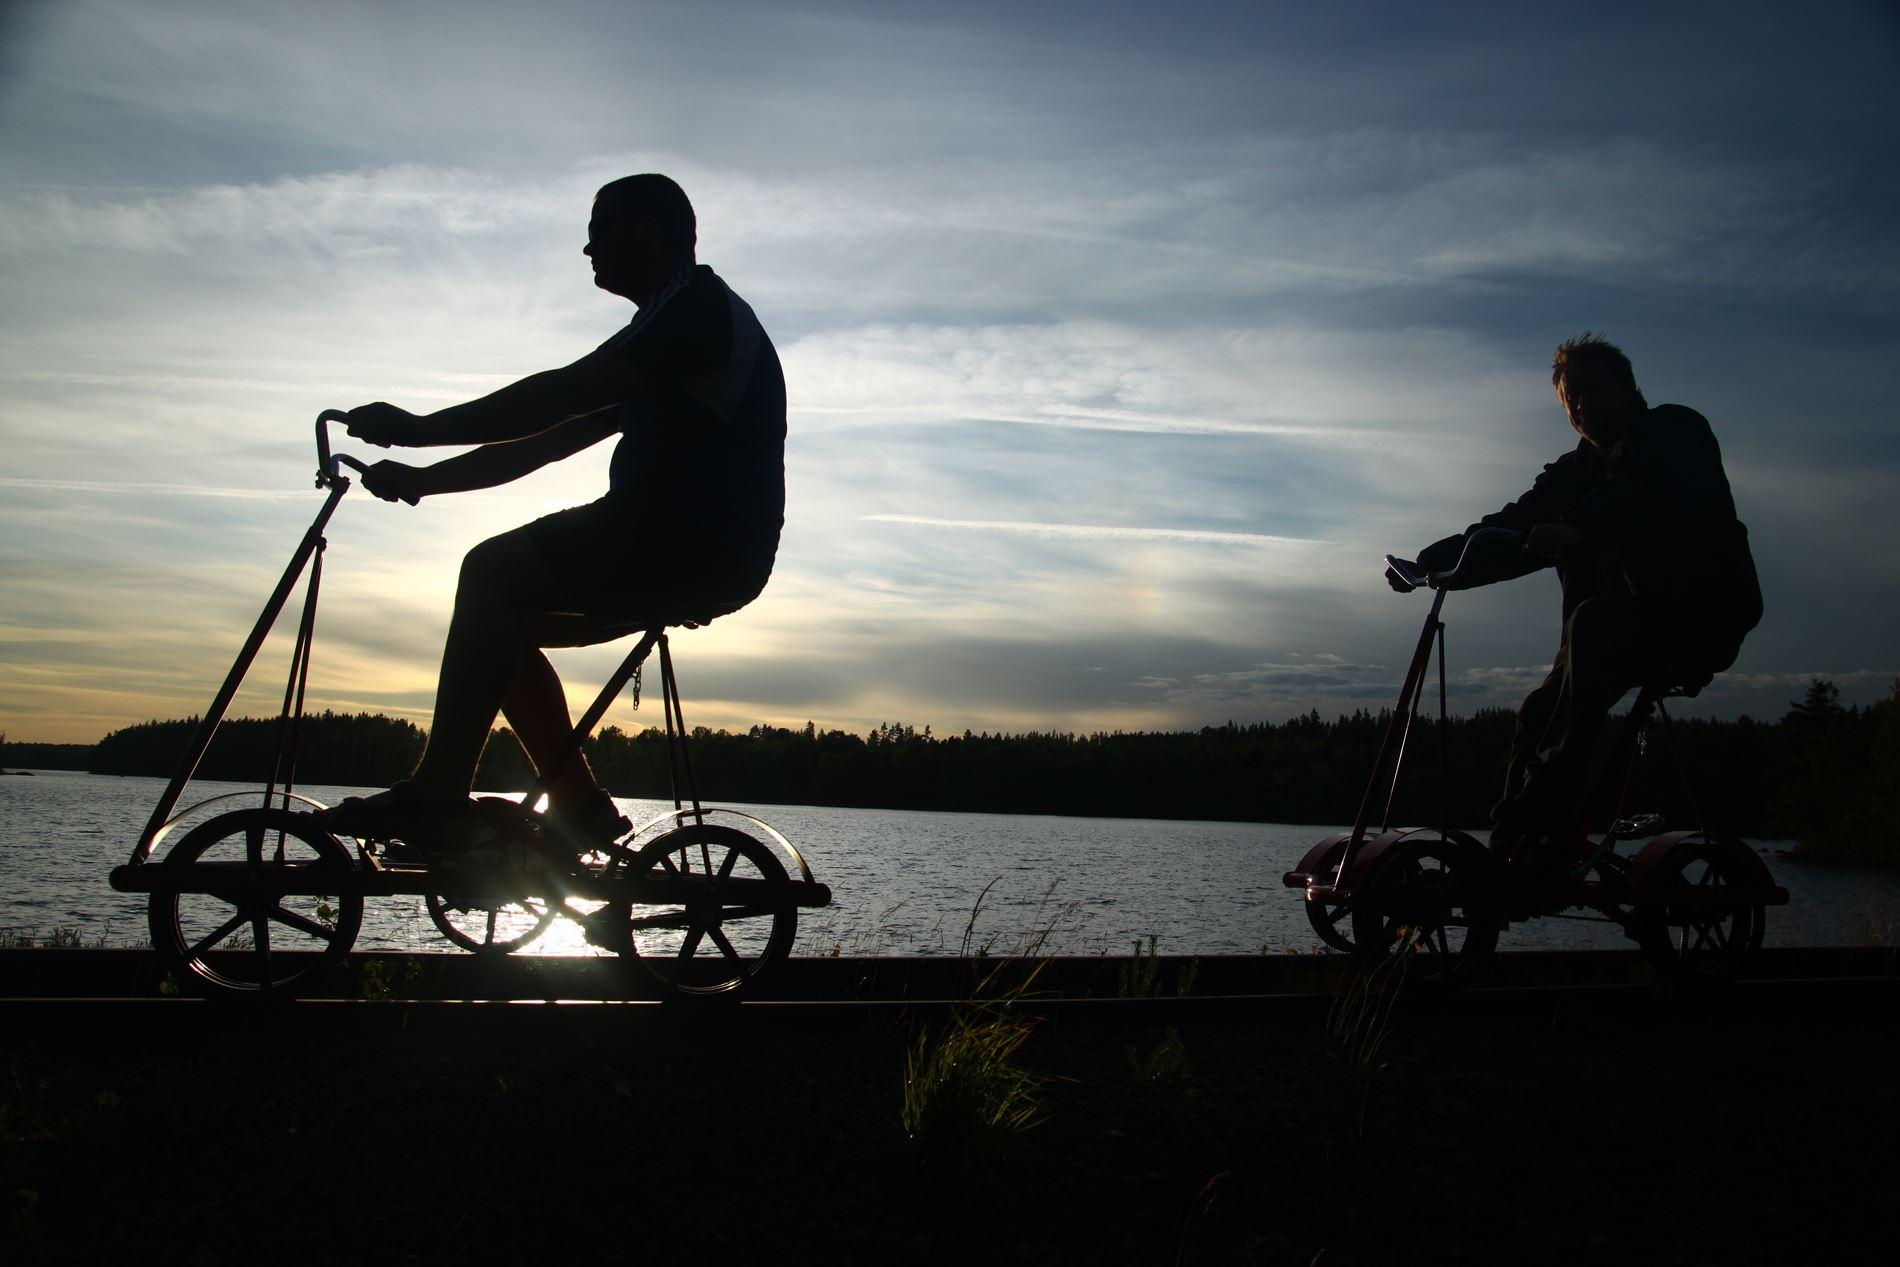 Olaf Lindström,  © Föreningen Smalspåret Växjö-Västervik, Cykla dressin - Åseda - Hultanäs - Triabo